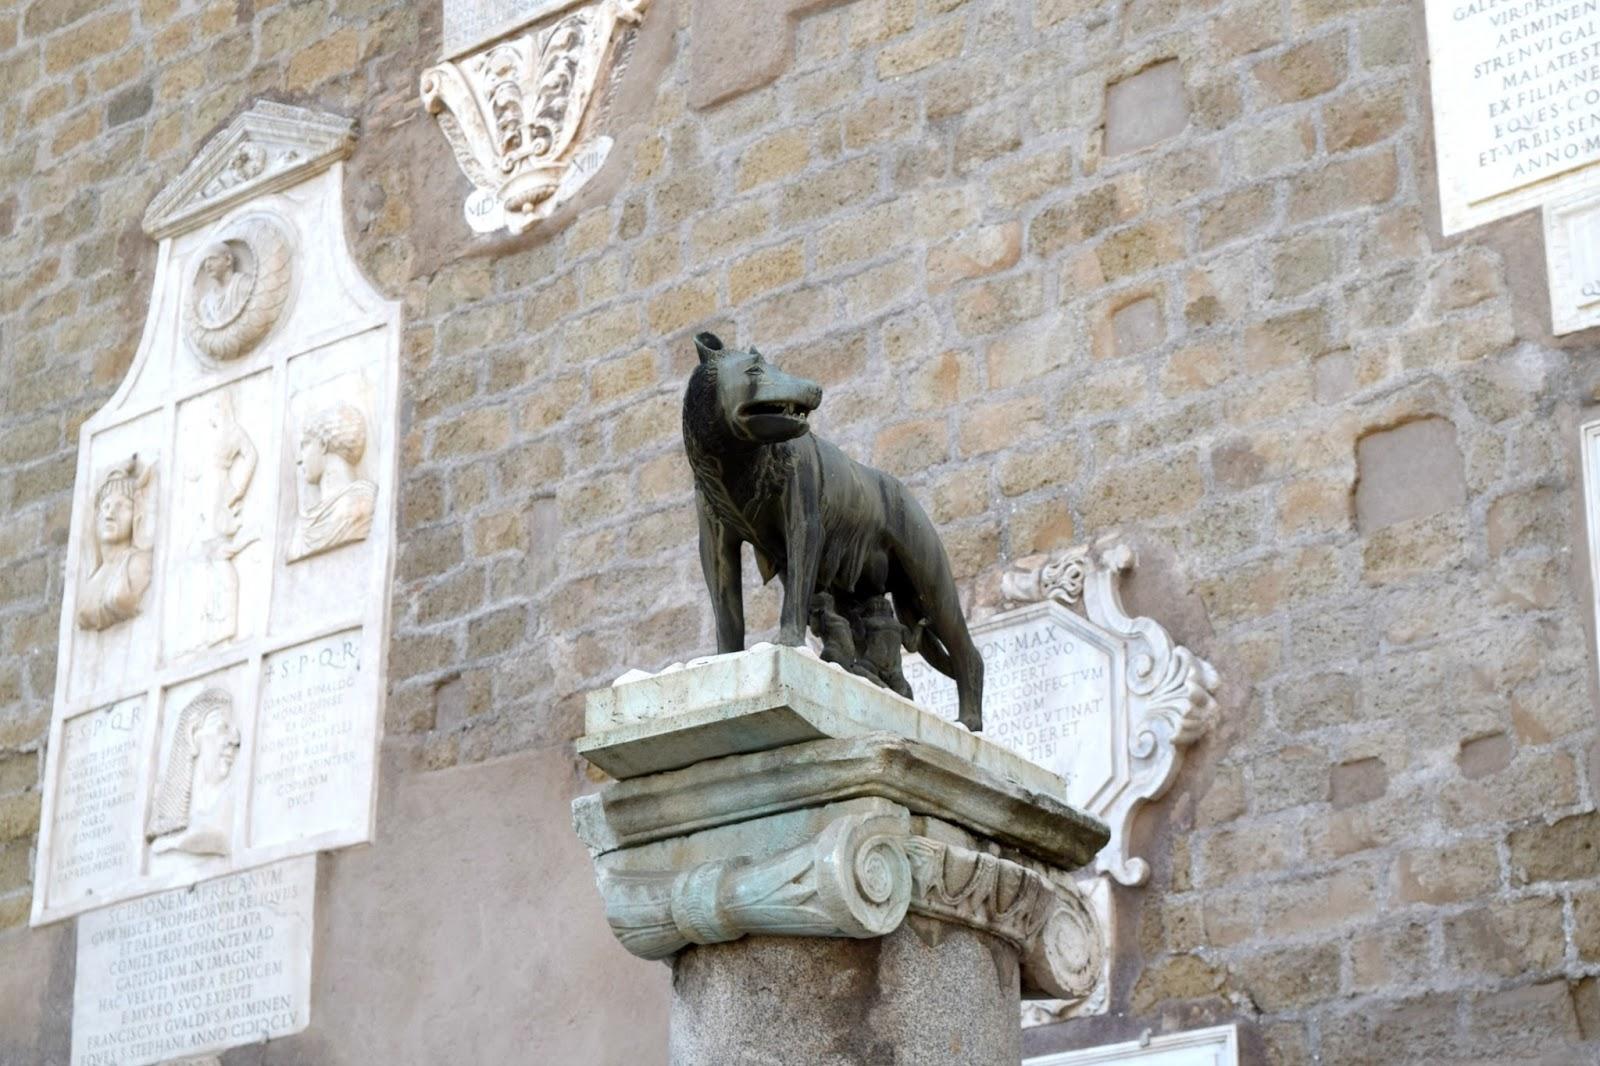 romano lupo wolf statue in rome